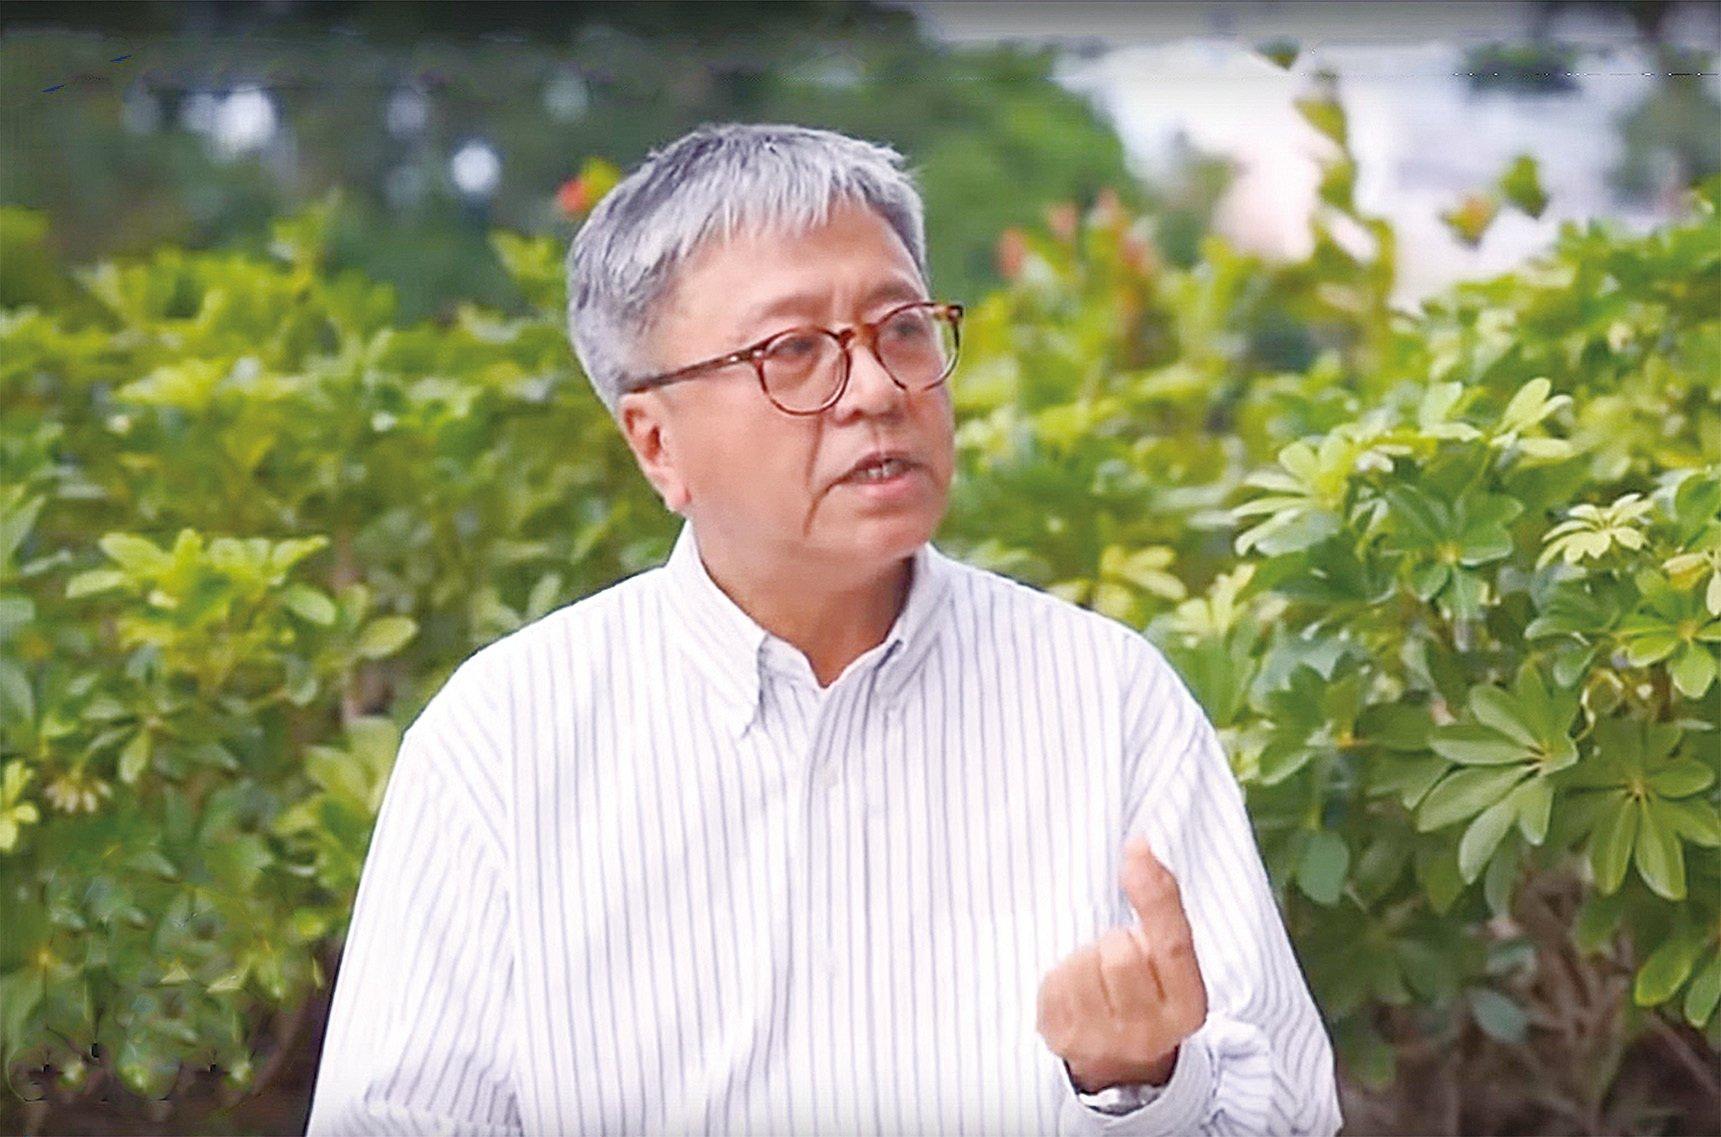 前香港中文大學哲學系教授張燦輝認為,不談政治違反哲理,可笑又難過。知識份子要有一份社會責任,要發聲。當更多人都願意講出真話,大家便會知道真相。(大紀元)